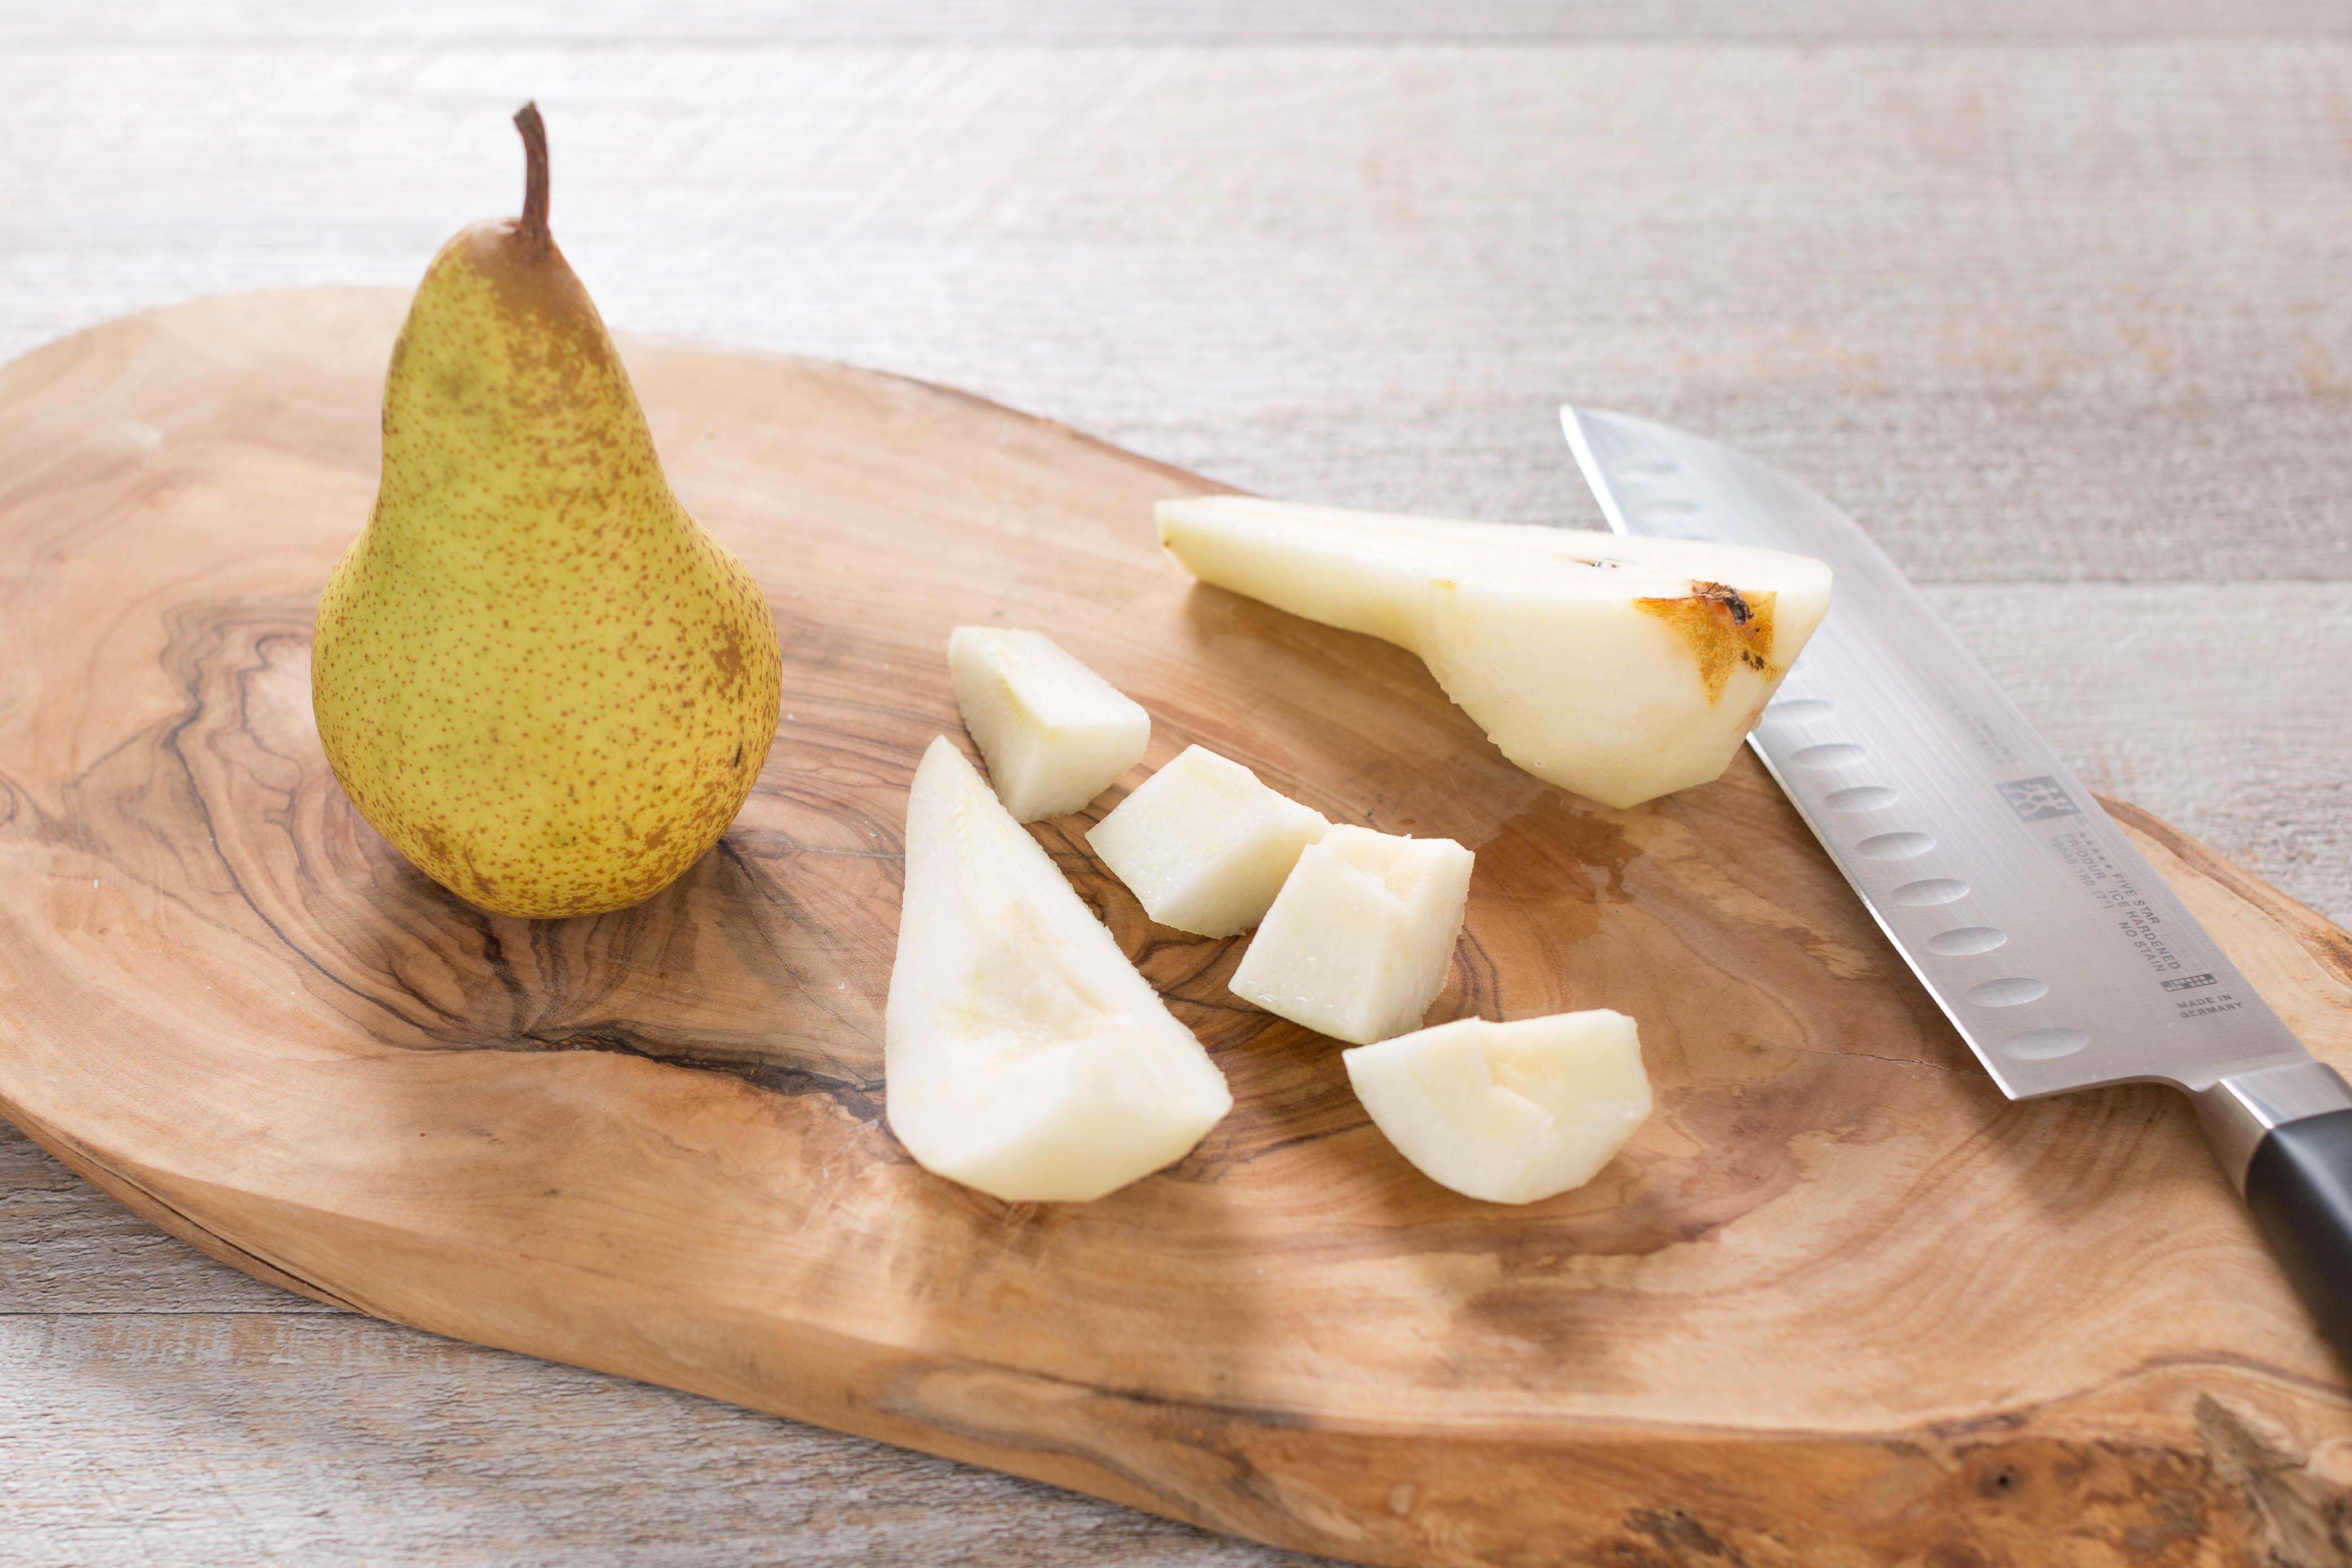 risotto al radicchio vegan con pere e nocciole senza burro senza glutine - radicchio and pear vegan risotto with toasted hazelnuts #glutenfree